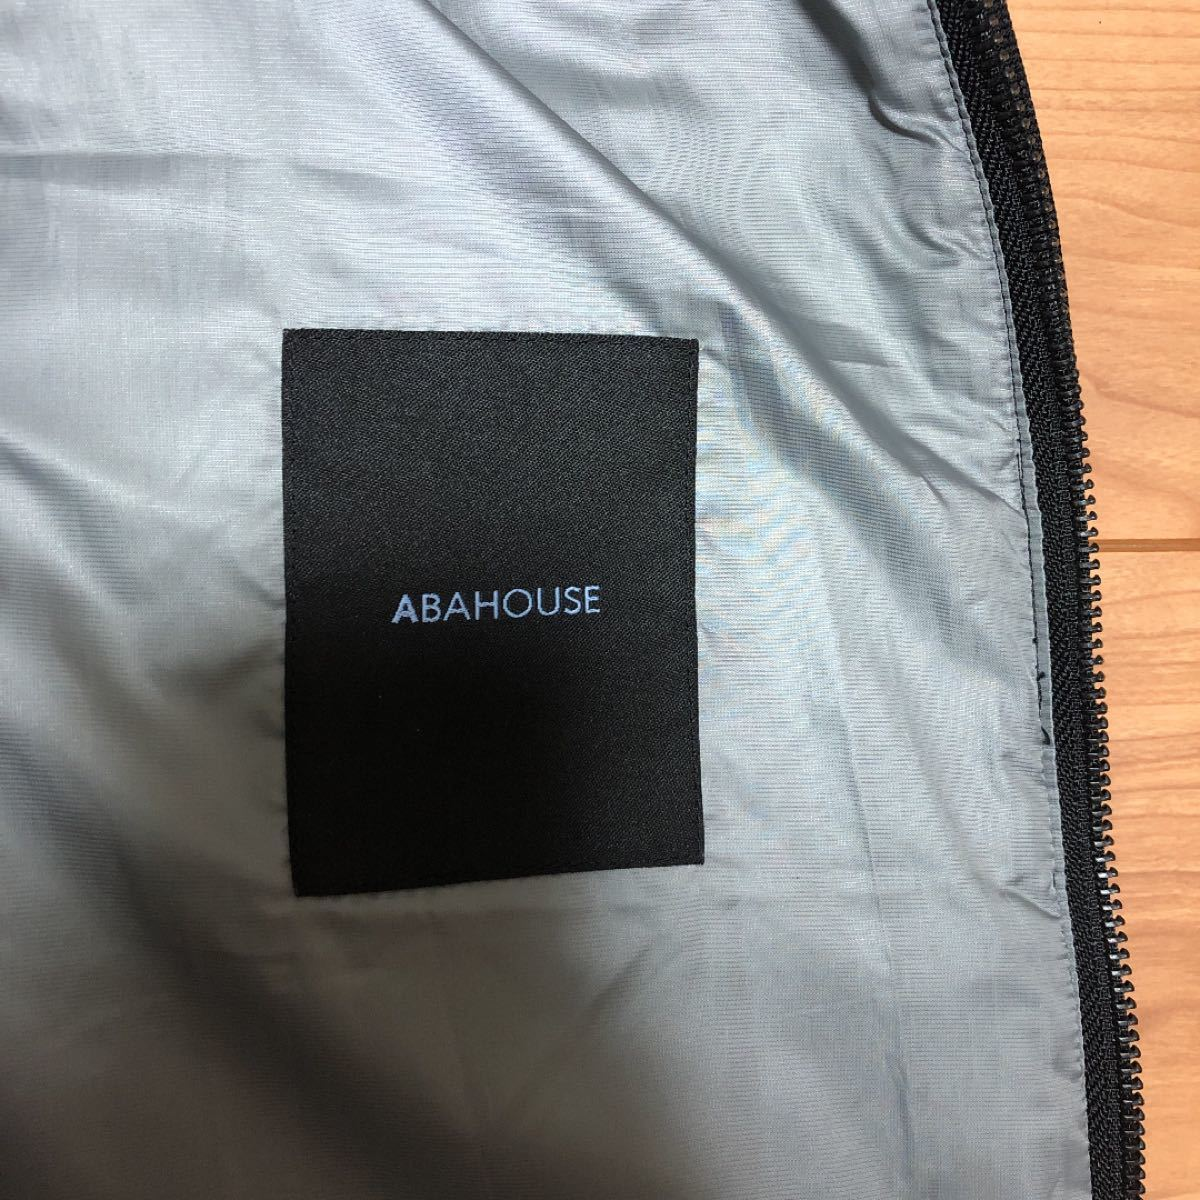 ABAHOUSE メンズ ダウンベスト Mサイズ ブラック